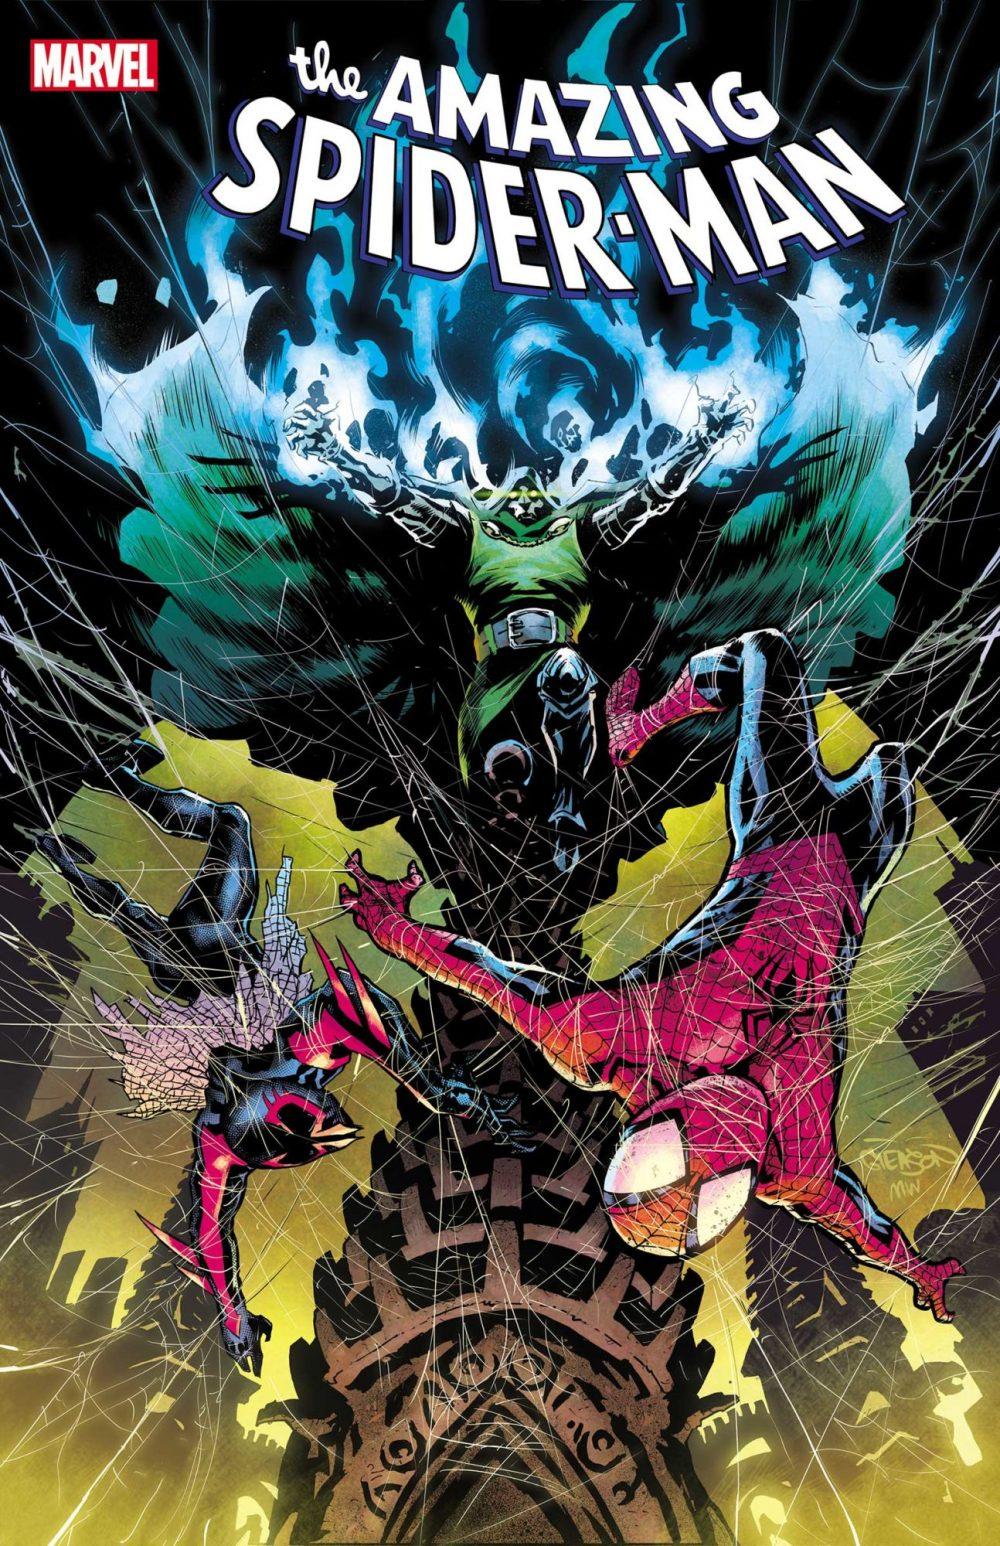 Amazing Spider-Man #34, copertina di Patrick Gleason